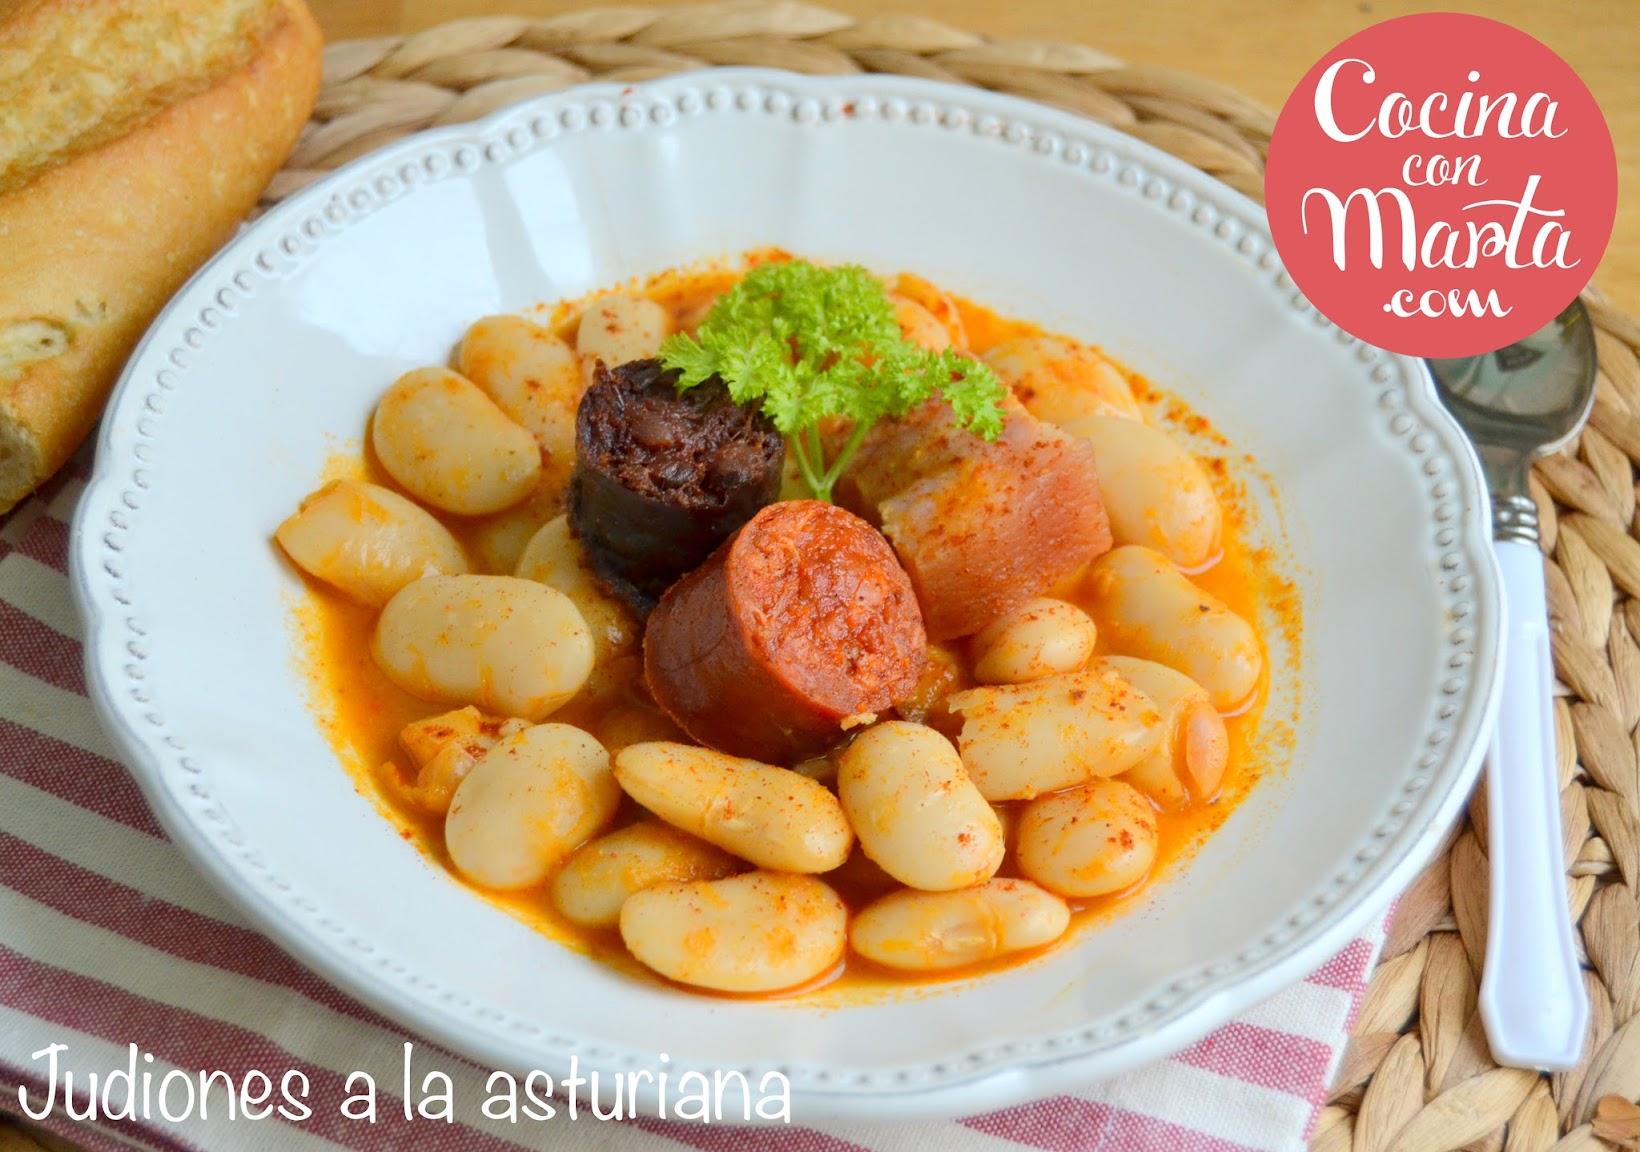 Fabes a la asturiana, fabes, judiones, chorizo y morcilla asturiana, panceta, potaje, platos de cuchara, receta casera, cocina con marta